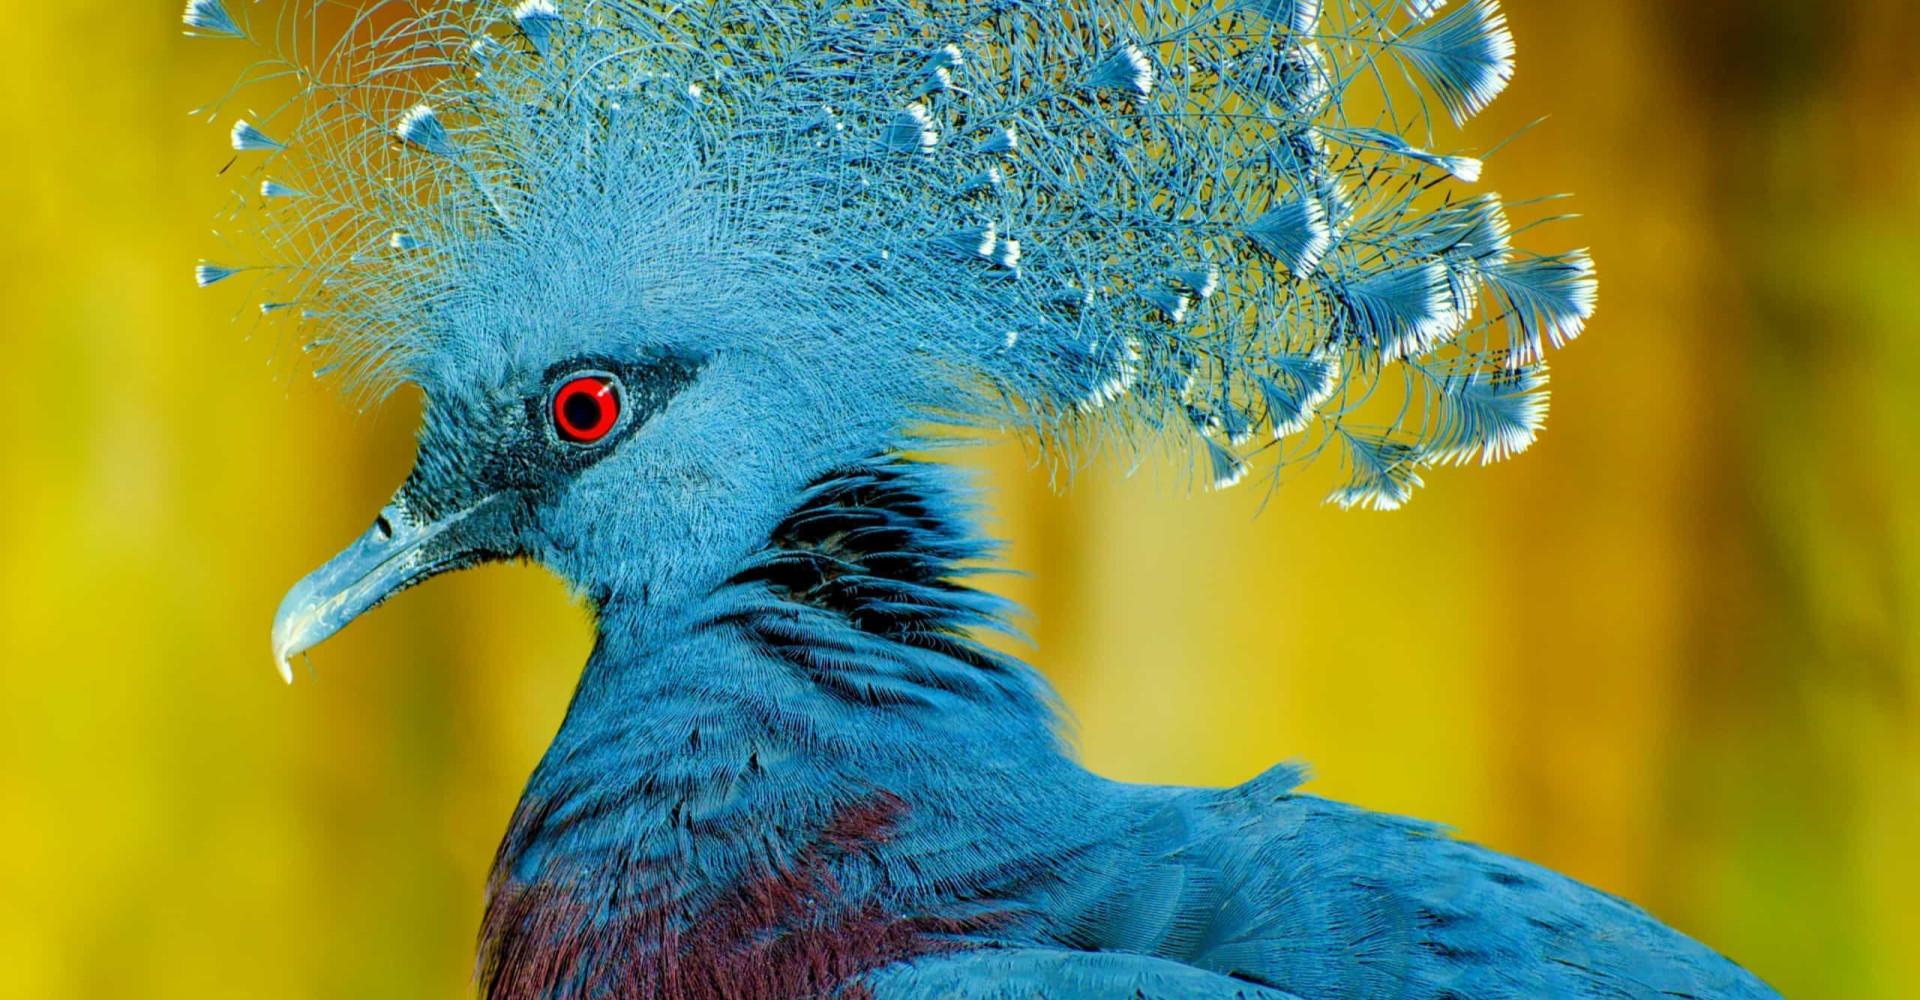 Kaunista väriloistoa: maailman eksoottisimmat linnut